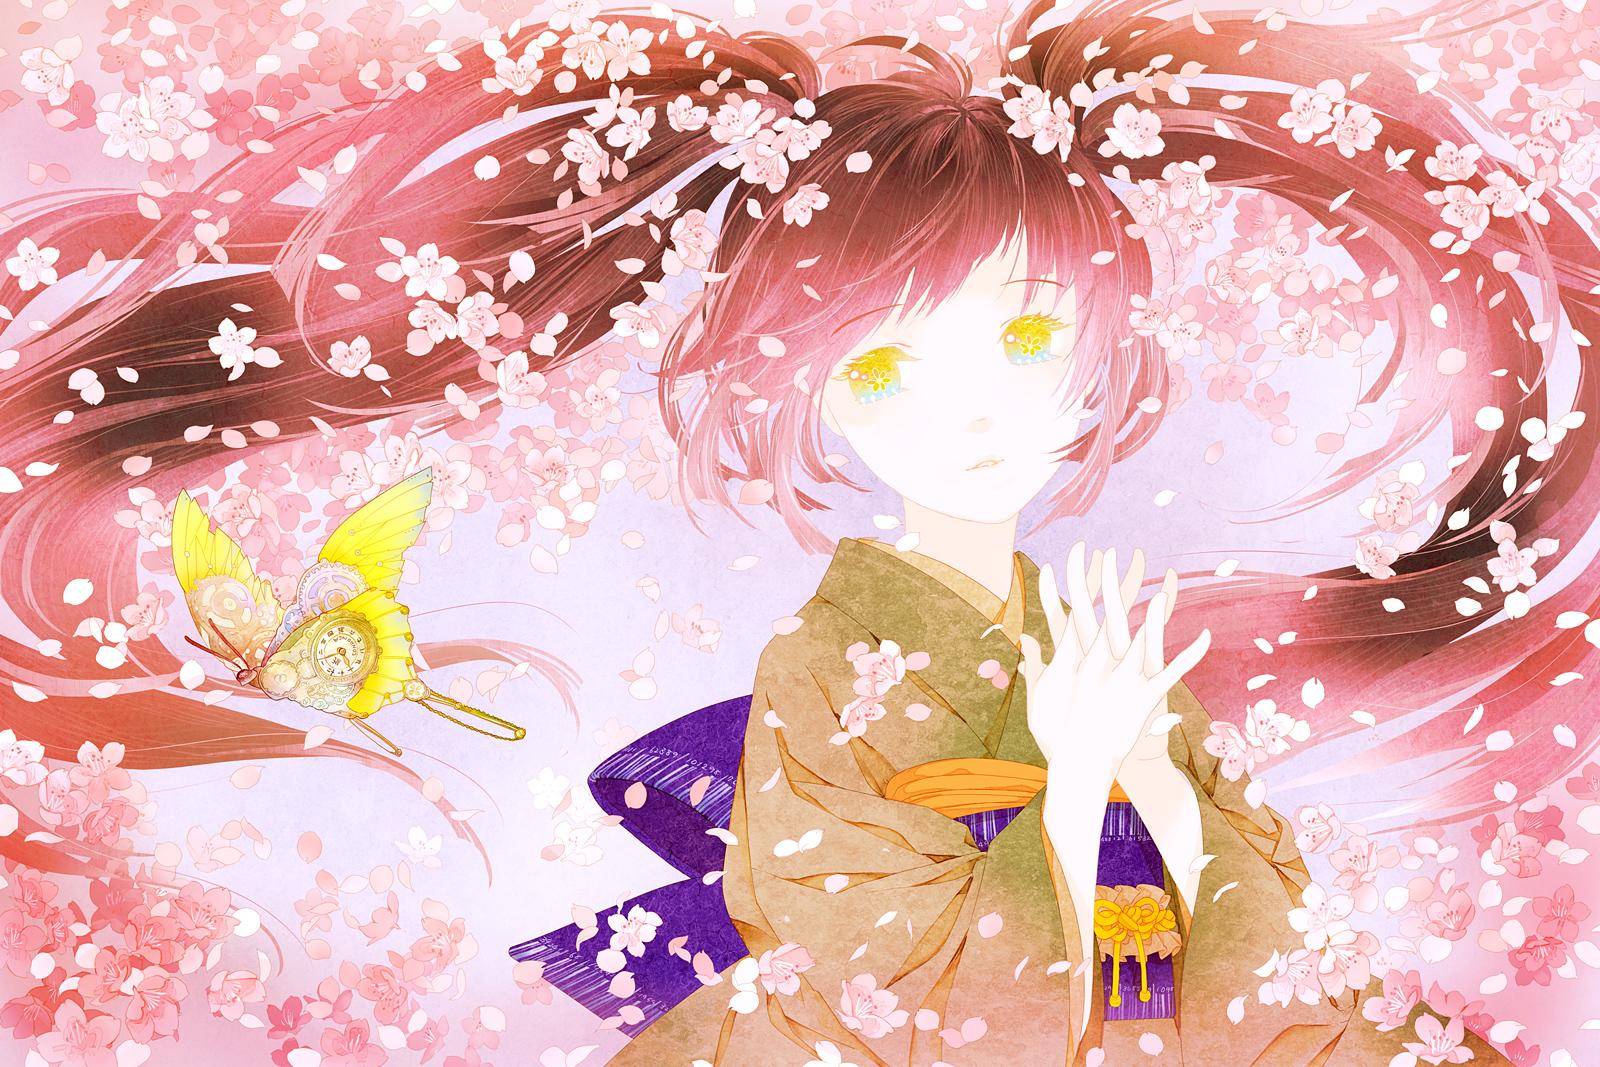 Drawn sakura blossom anime Conronca blossom cherry conronca by